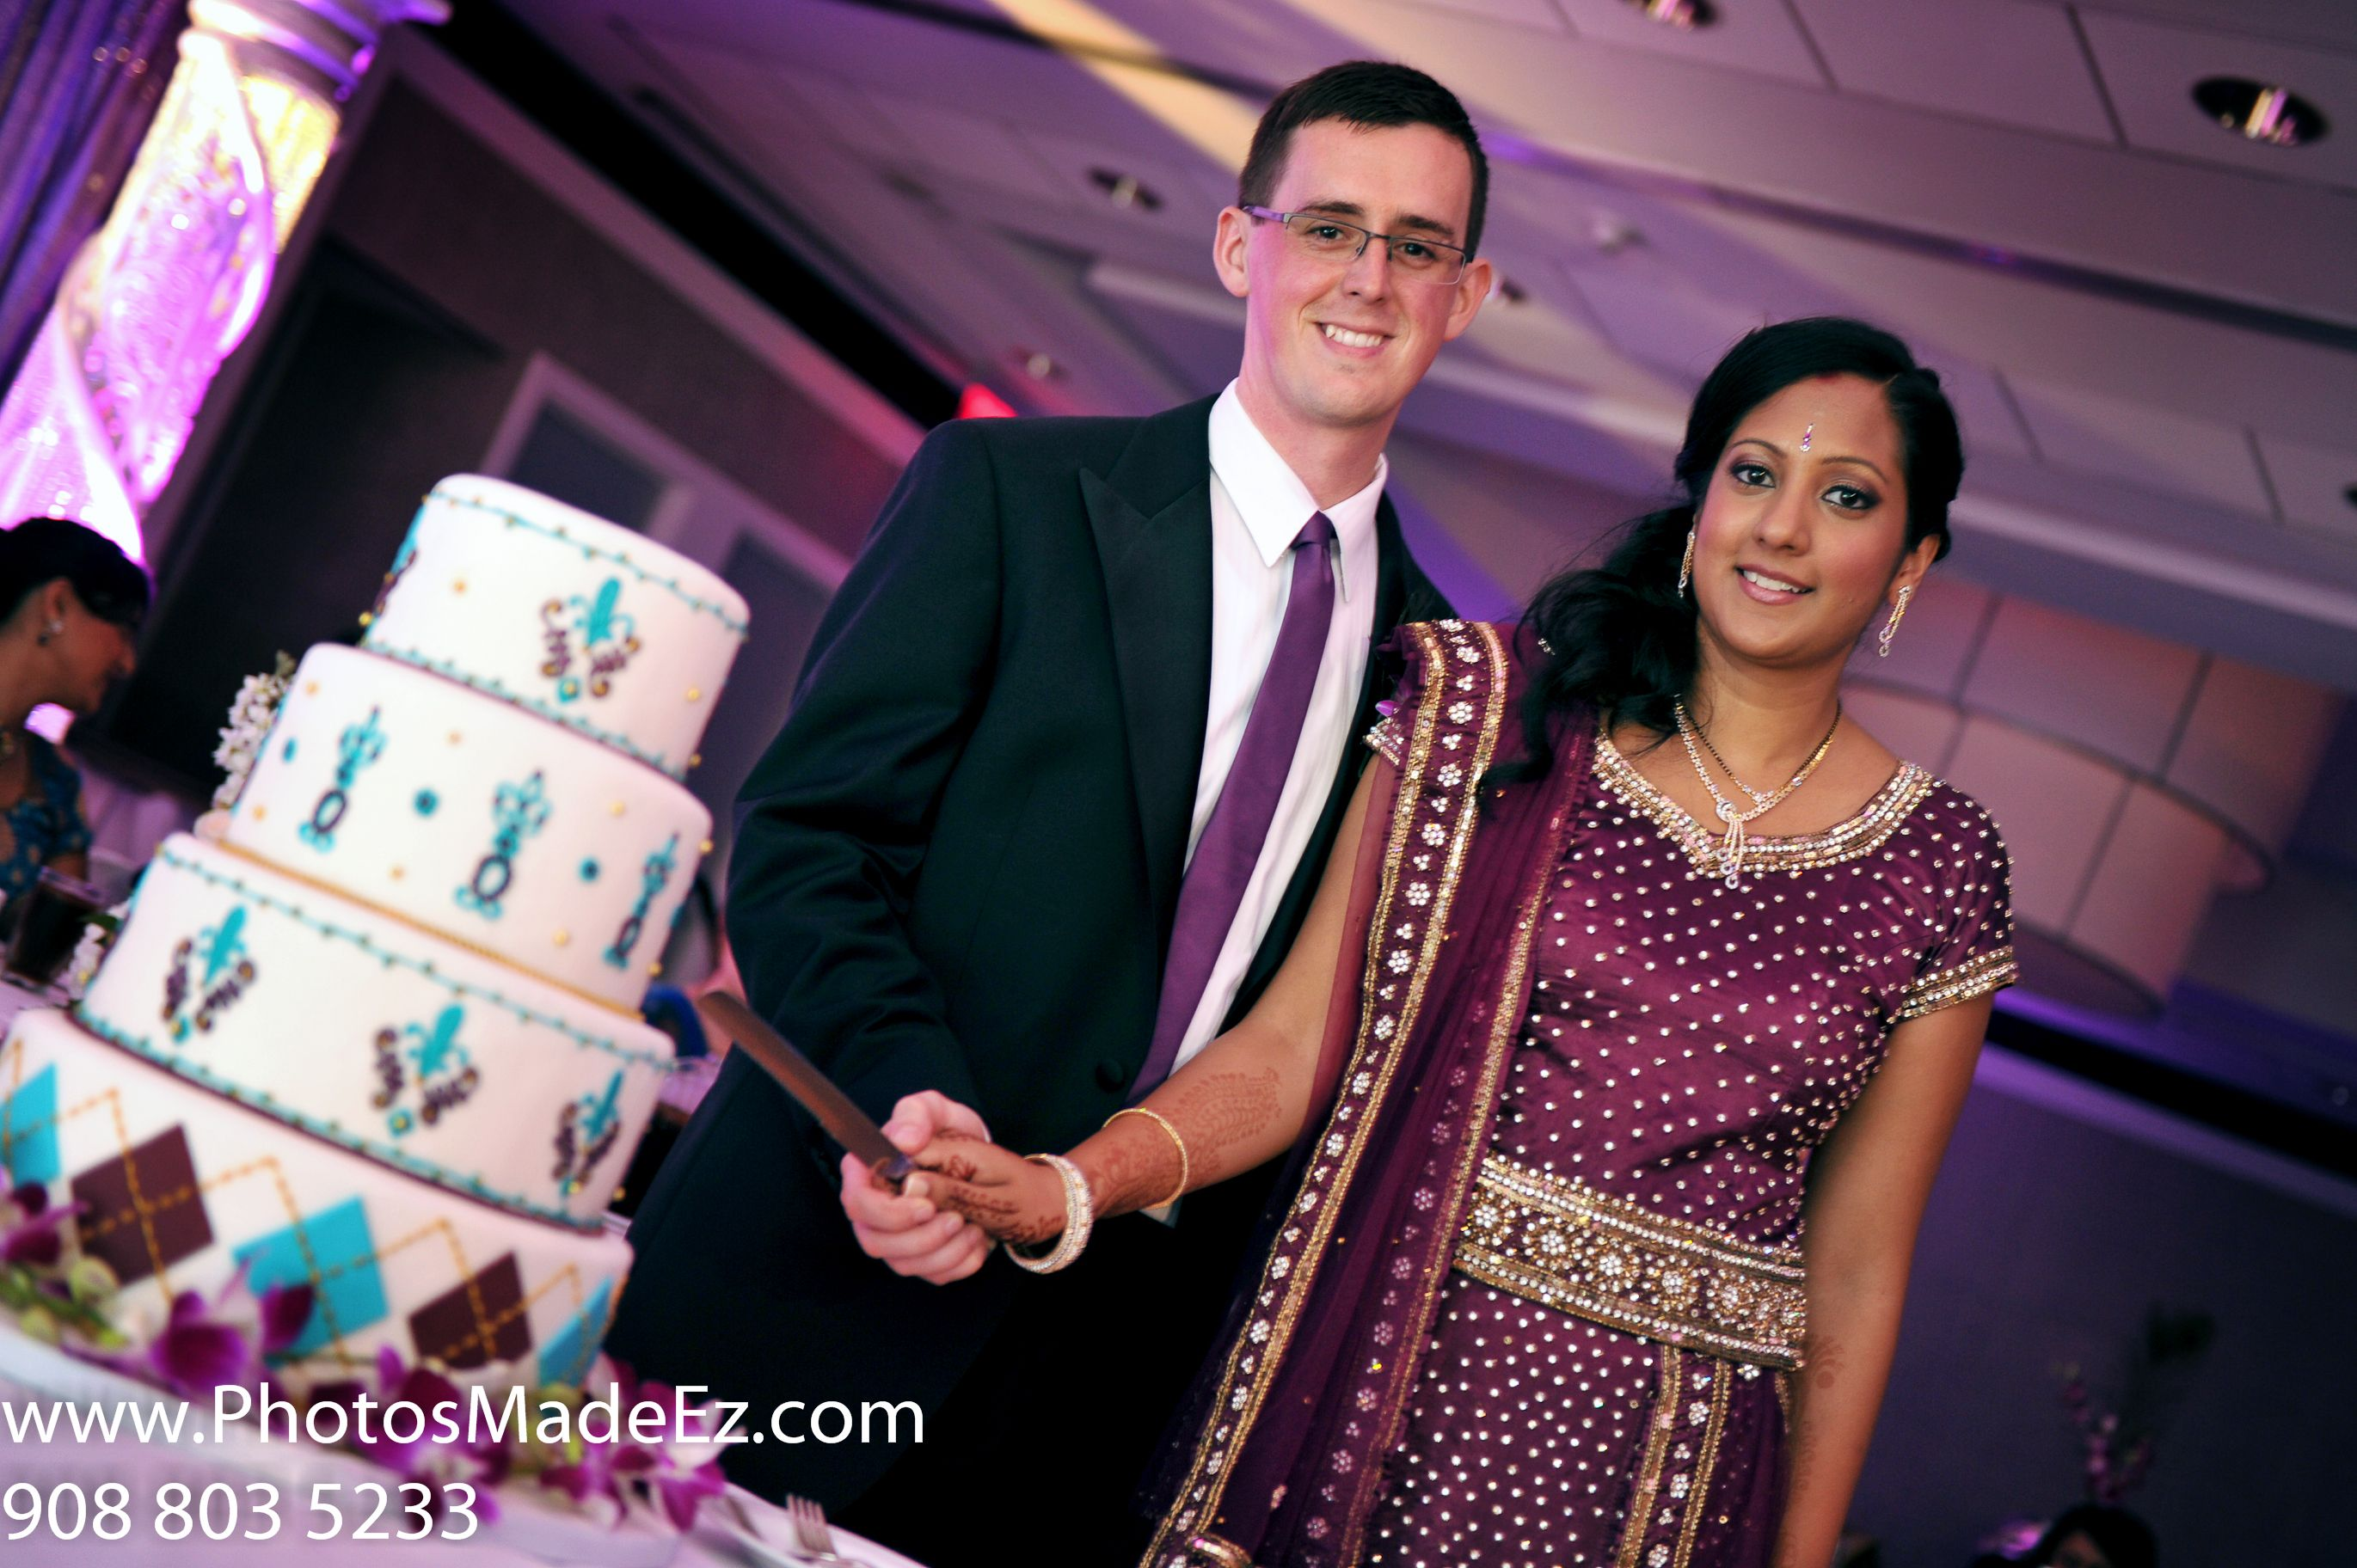 Fusion wedding gujrati american wedding in sheraton eatontown